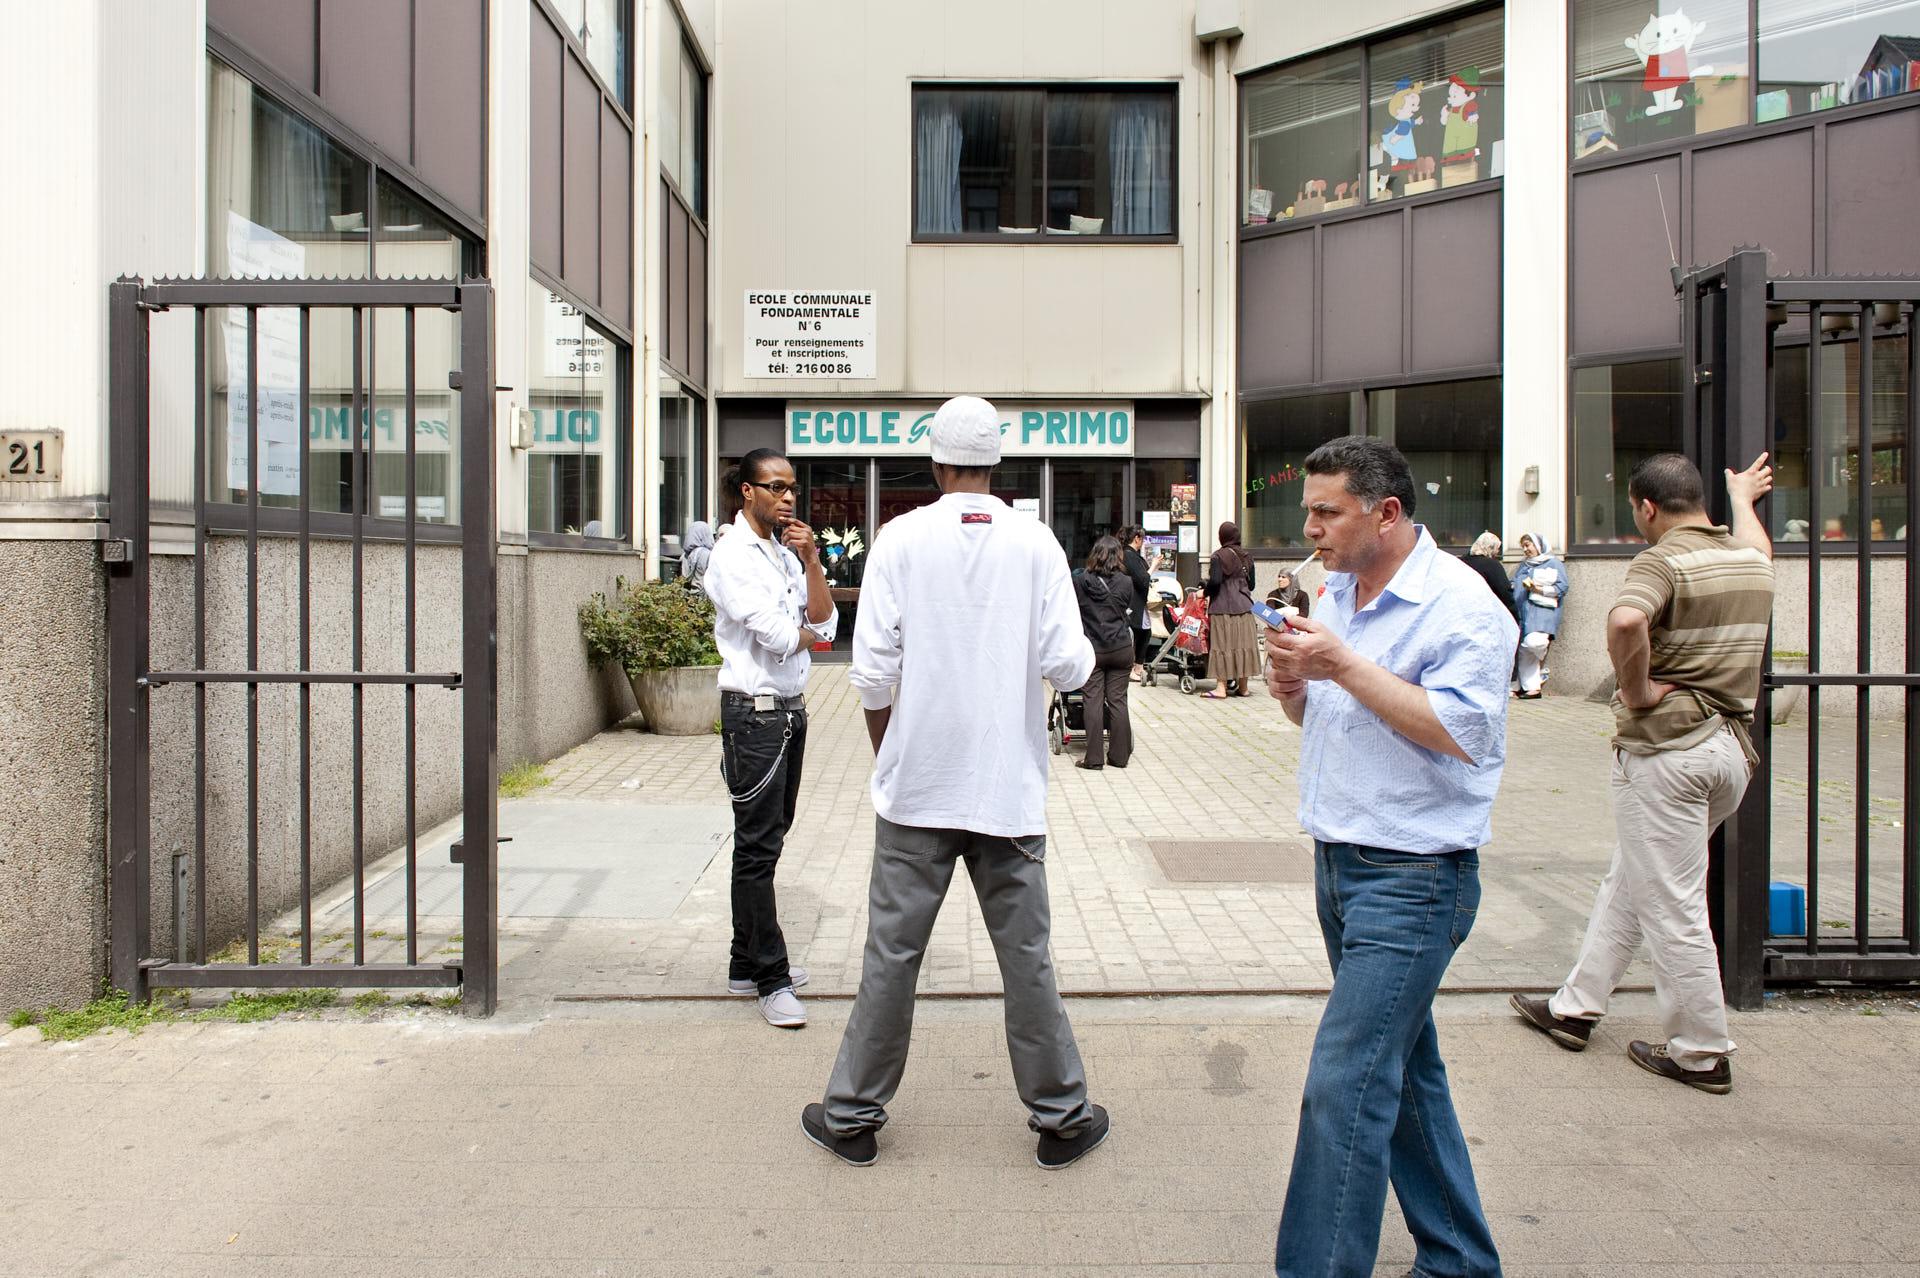 Schaerbeek, Brussel, school gaat uit, fotografie ,Frank Penders